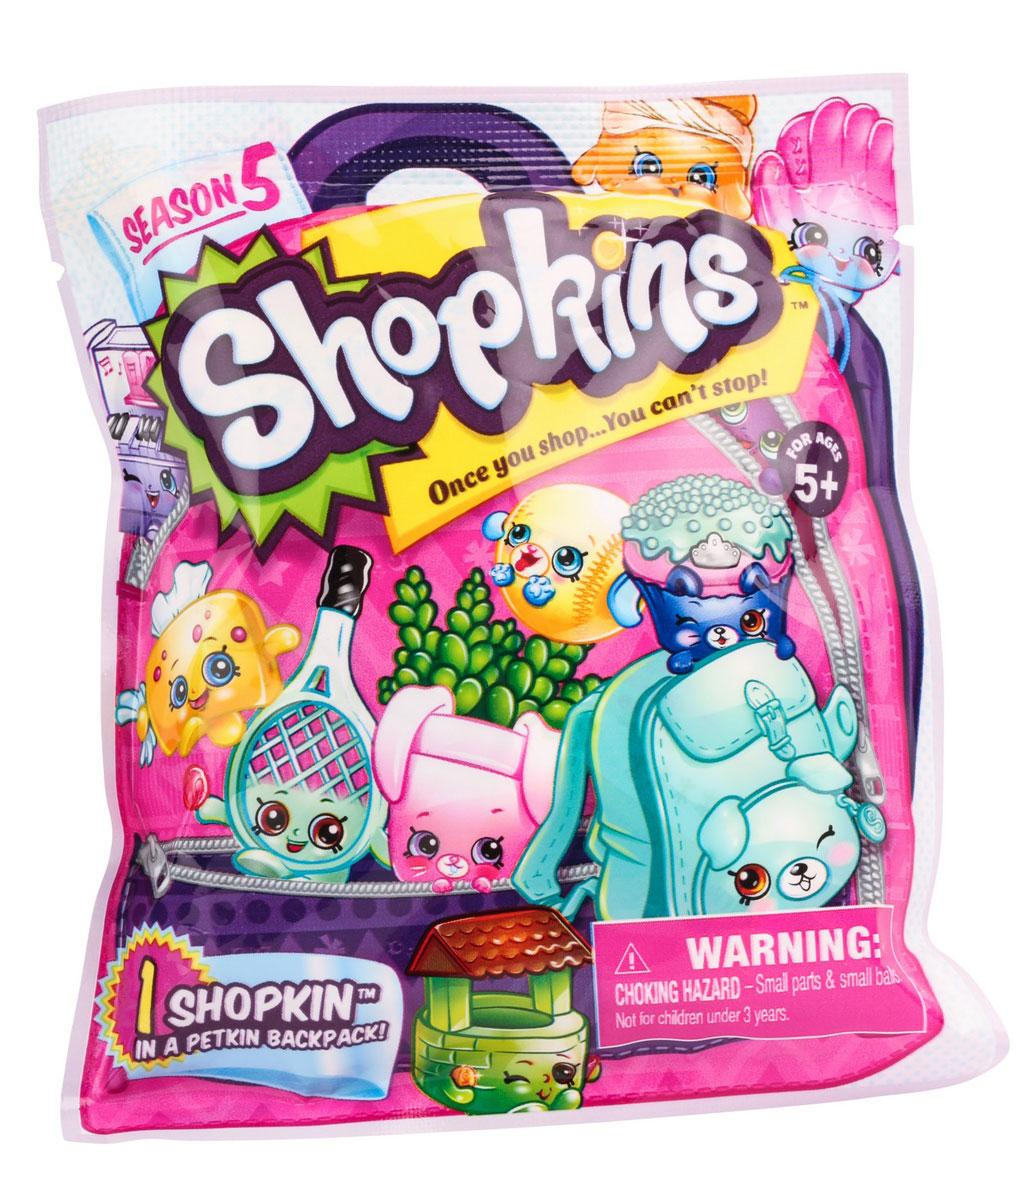 Shopkins Фигурка 5629056290Фольгированный пакетик с фигурками Shopkins - это настоящий сюрприз для каждой девочки-мечтательницы. Открыв яркую упаковку, на которой изображены знаменитые фигурки Shopkins, ваша малышка найдет одну из фигурок, рюкзачок и руководство коллекционера. Кто именно оказался в вашем пакетике, вам поможет разобраться руководство коллекционера, в котором подробно написано о каждом герое. Все фигурки коллекции выглядят очень жизнерадостными. Их добродушные мордашки с маленькими глазками и носиками, обязательно привлекут внимание ребенка. Игрушки настолько компактны, что всегда смогут составить компанию ребенку на прогулке или в любом путешествии.